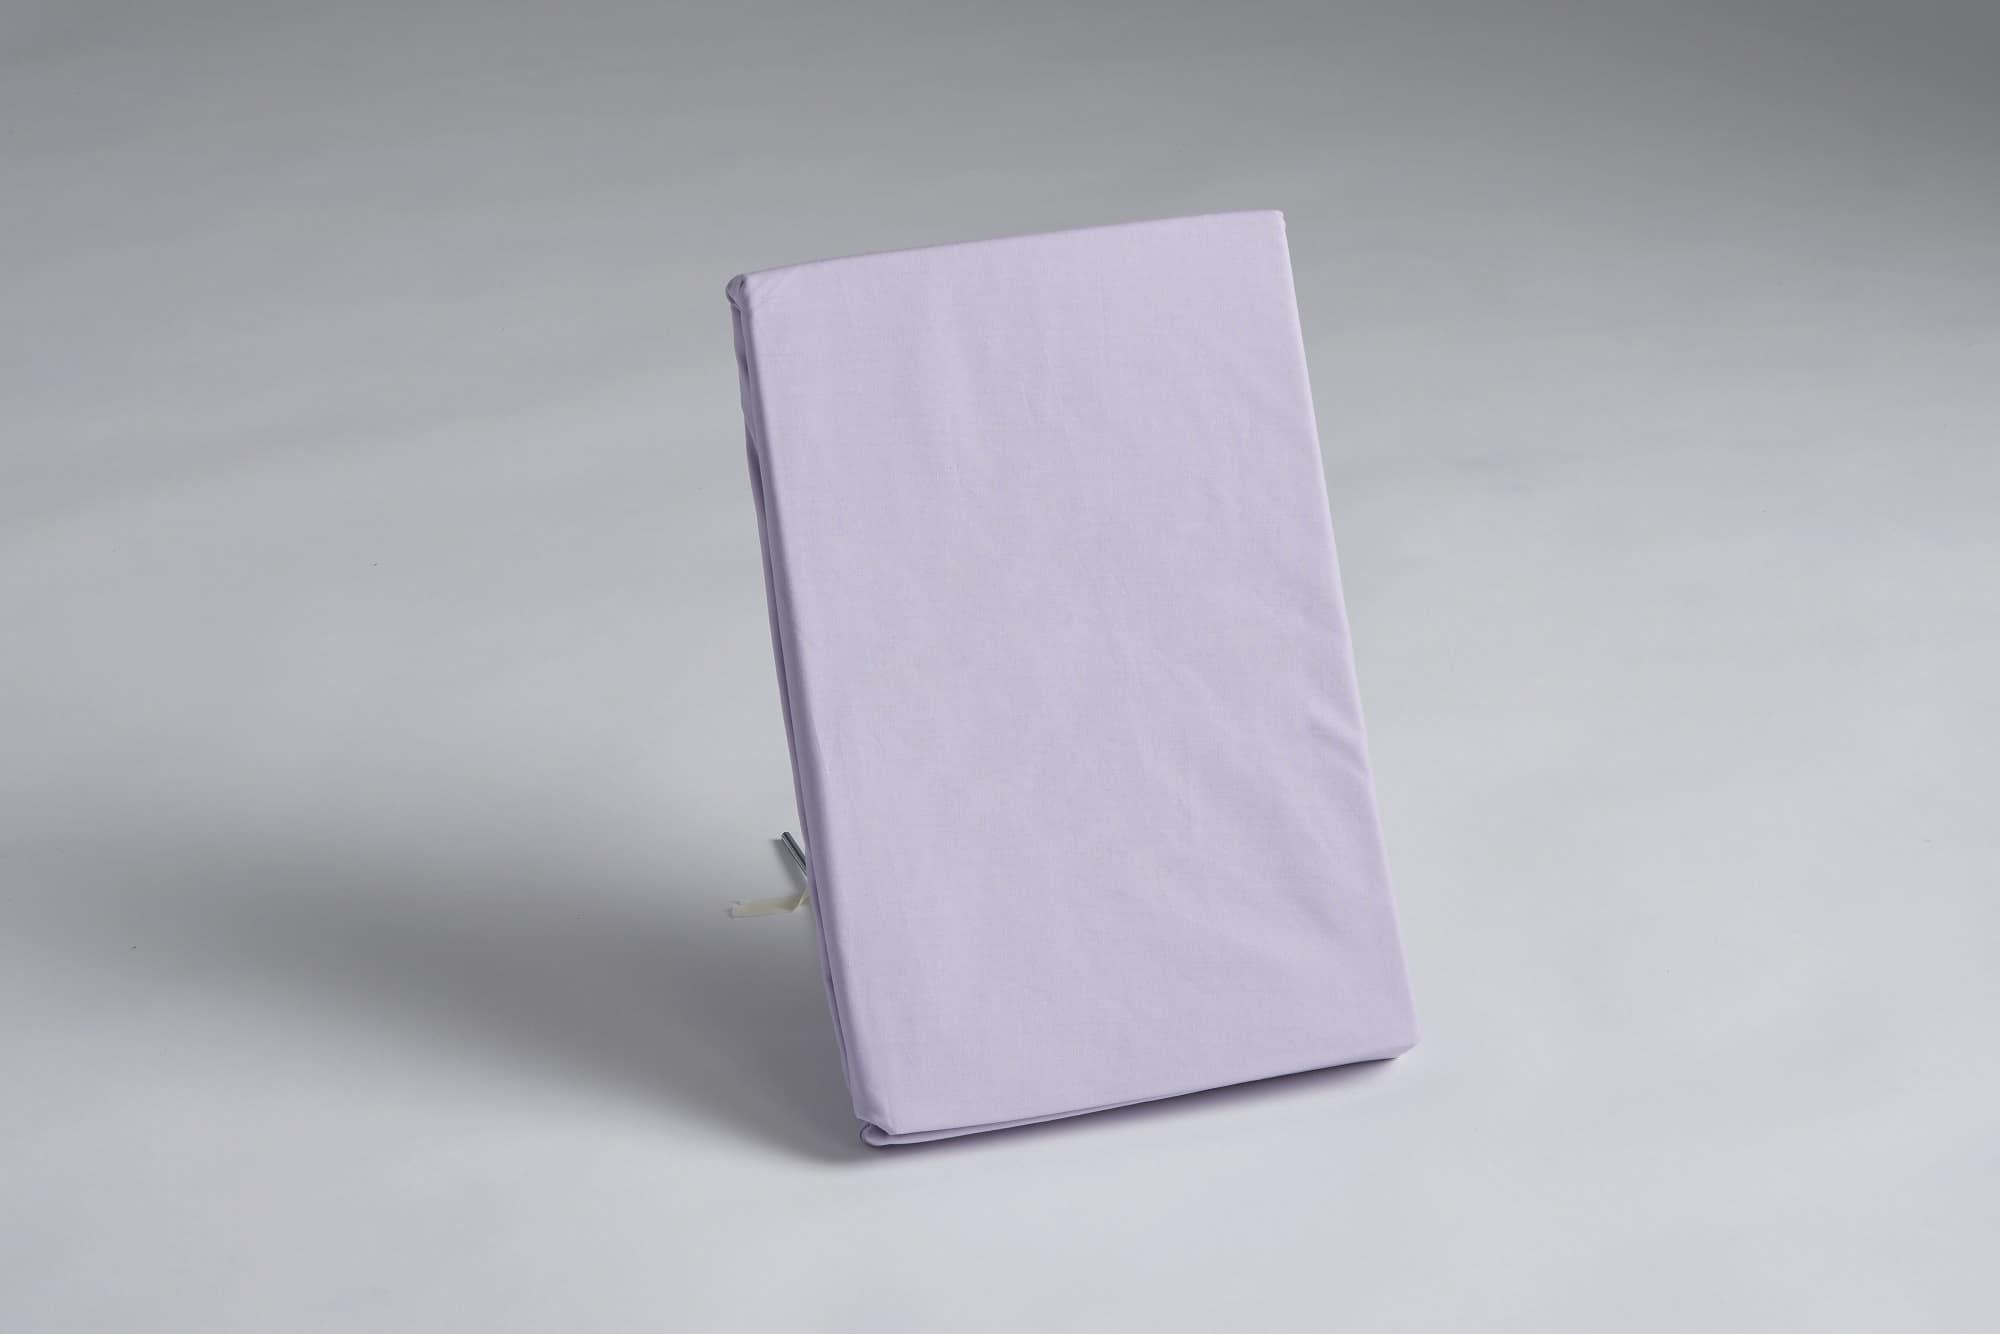 ボックスシーツ セミダブル用 36H パープル:《綿100%を使用したボックスシーツ》